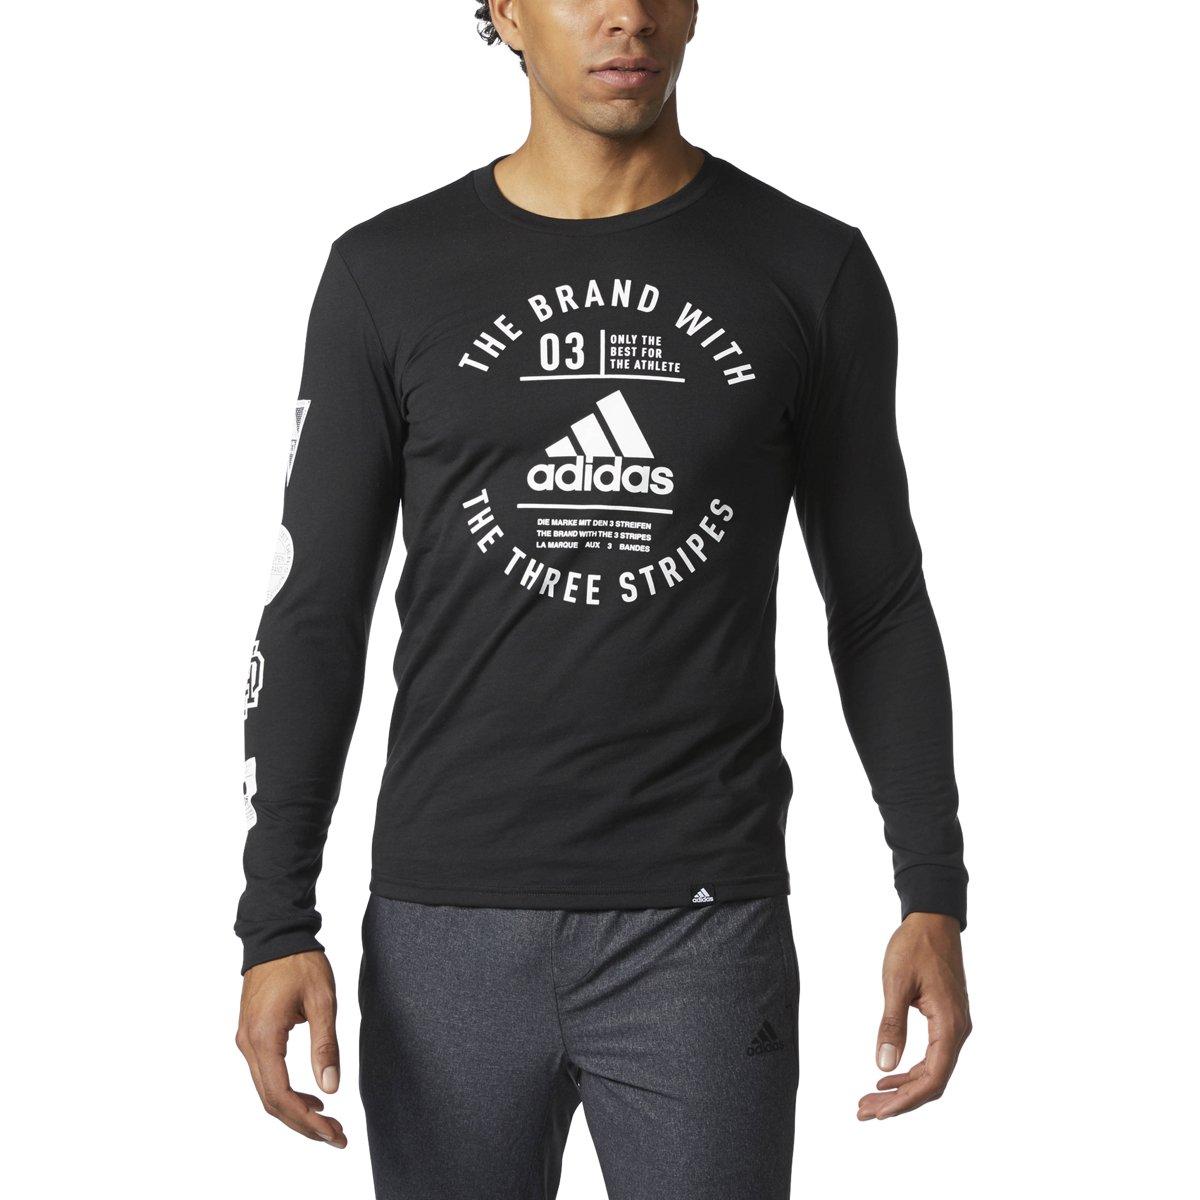 Adidasメンズ長袖グラフィックTシャツ B01N4G1K8A XL|ブラック/ホワイト ブラック/ホワイト XL